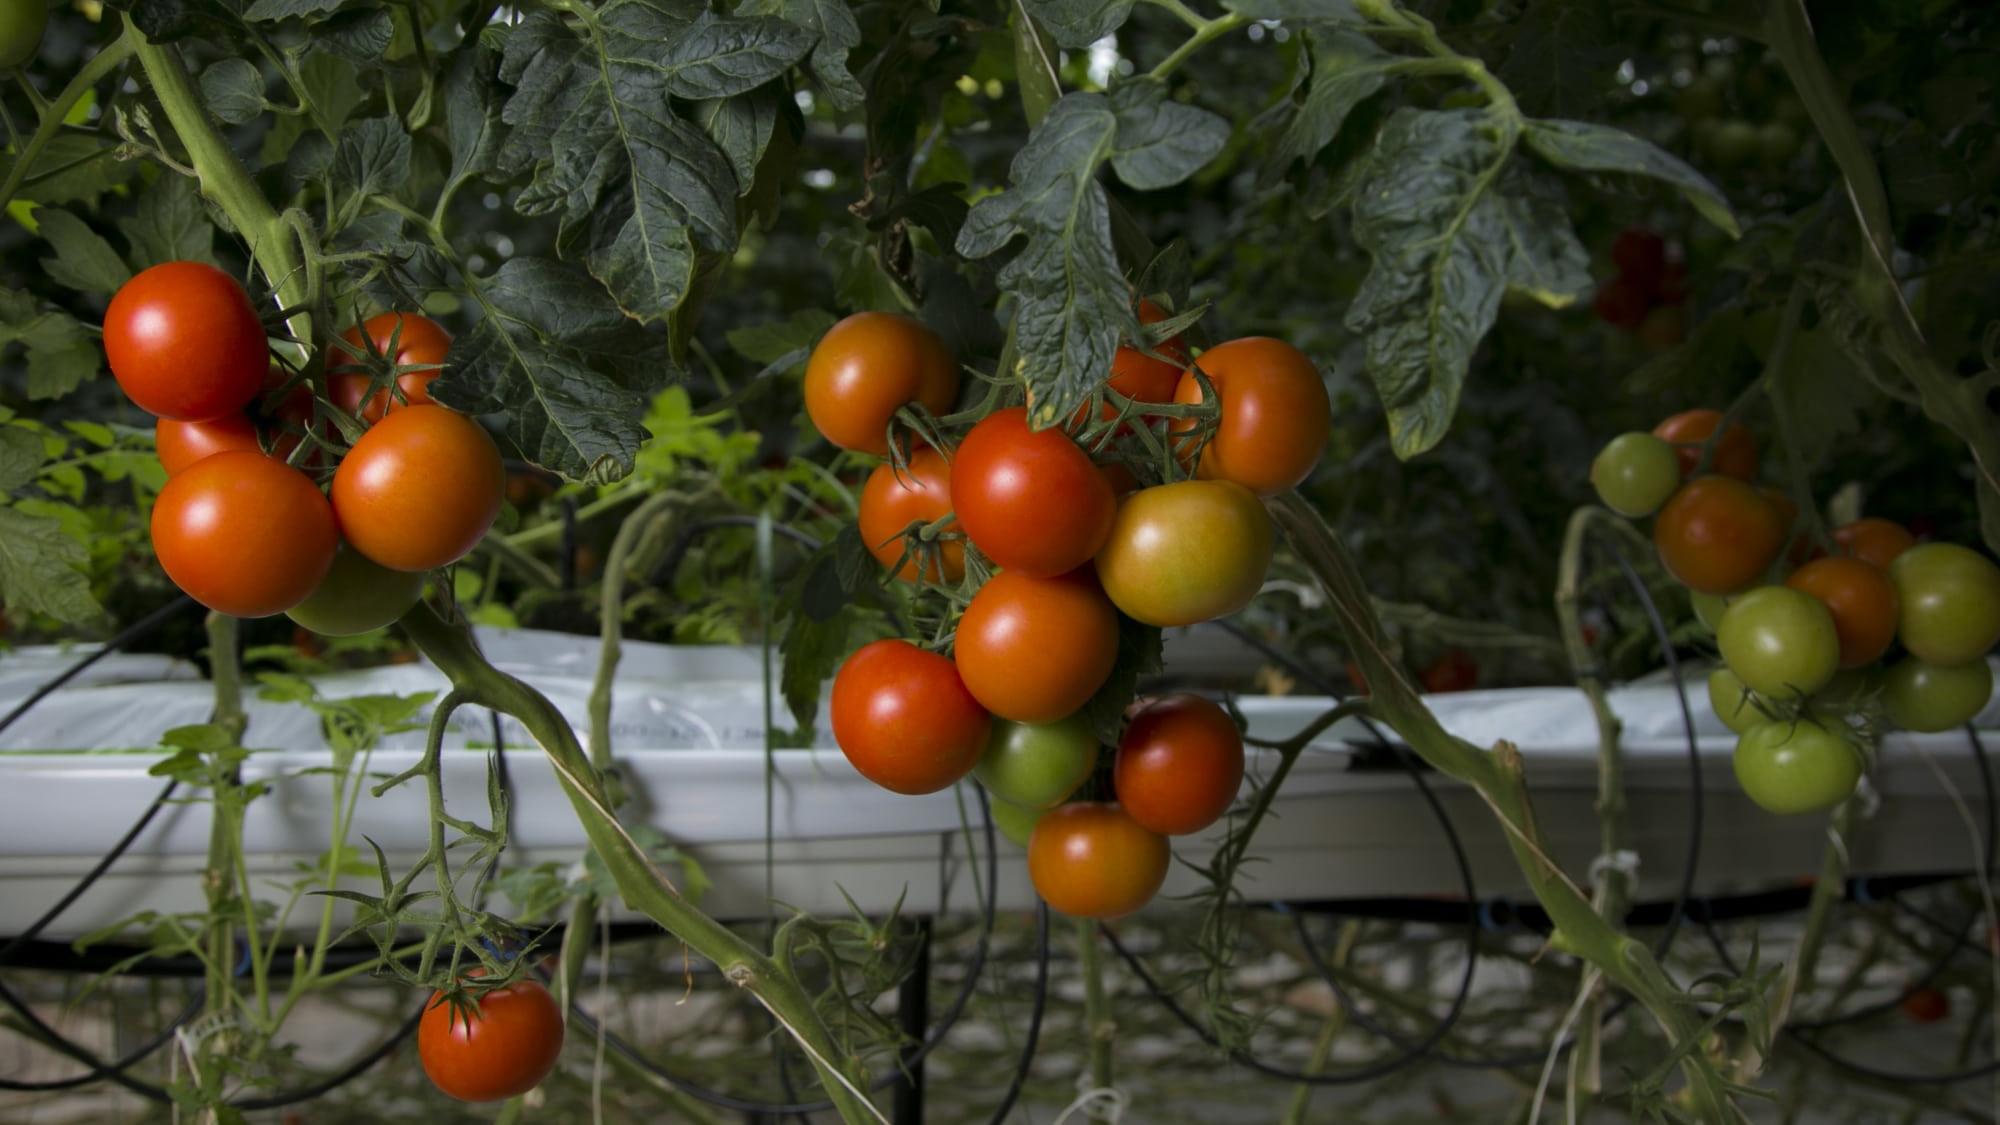 Pyöreässä tomaatissa on paljon lykopeeniä, joka suojaa syövältä sekä sydän- ja verisuonitaudeilta. Kuva on Härkälän puutarhalta.